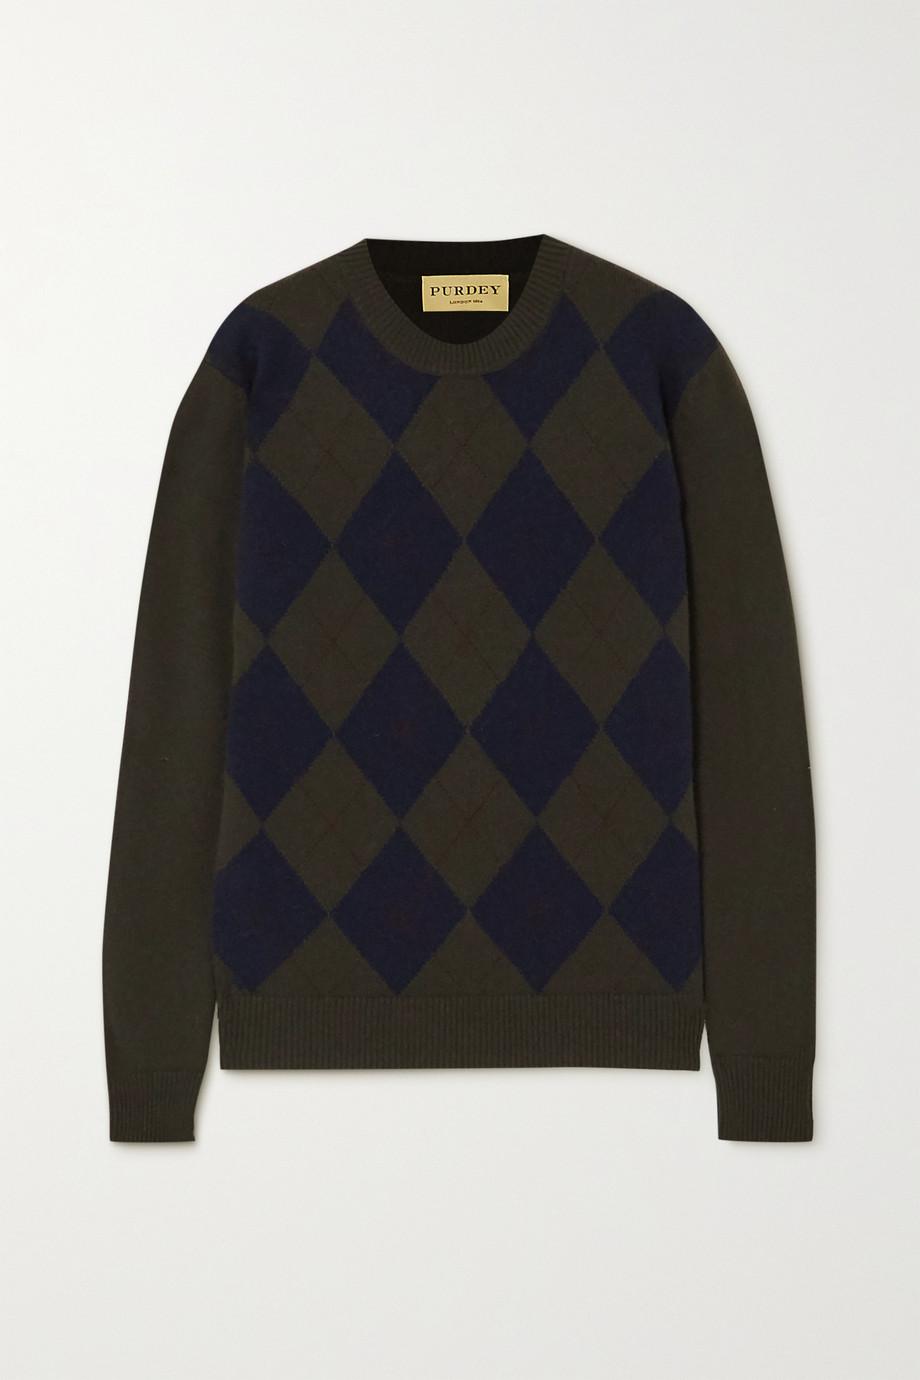 Purdey Argyle cashmere sweater